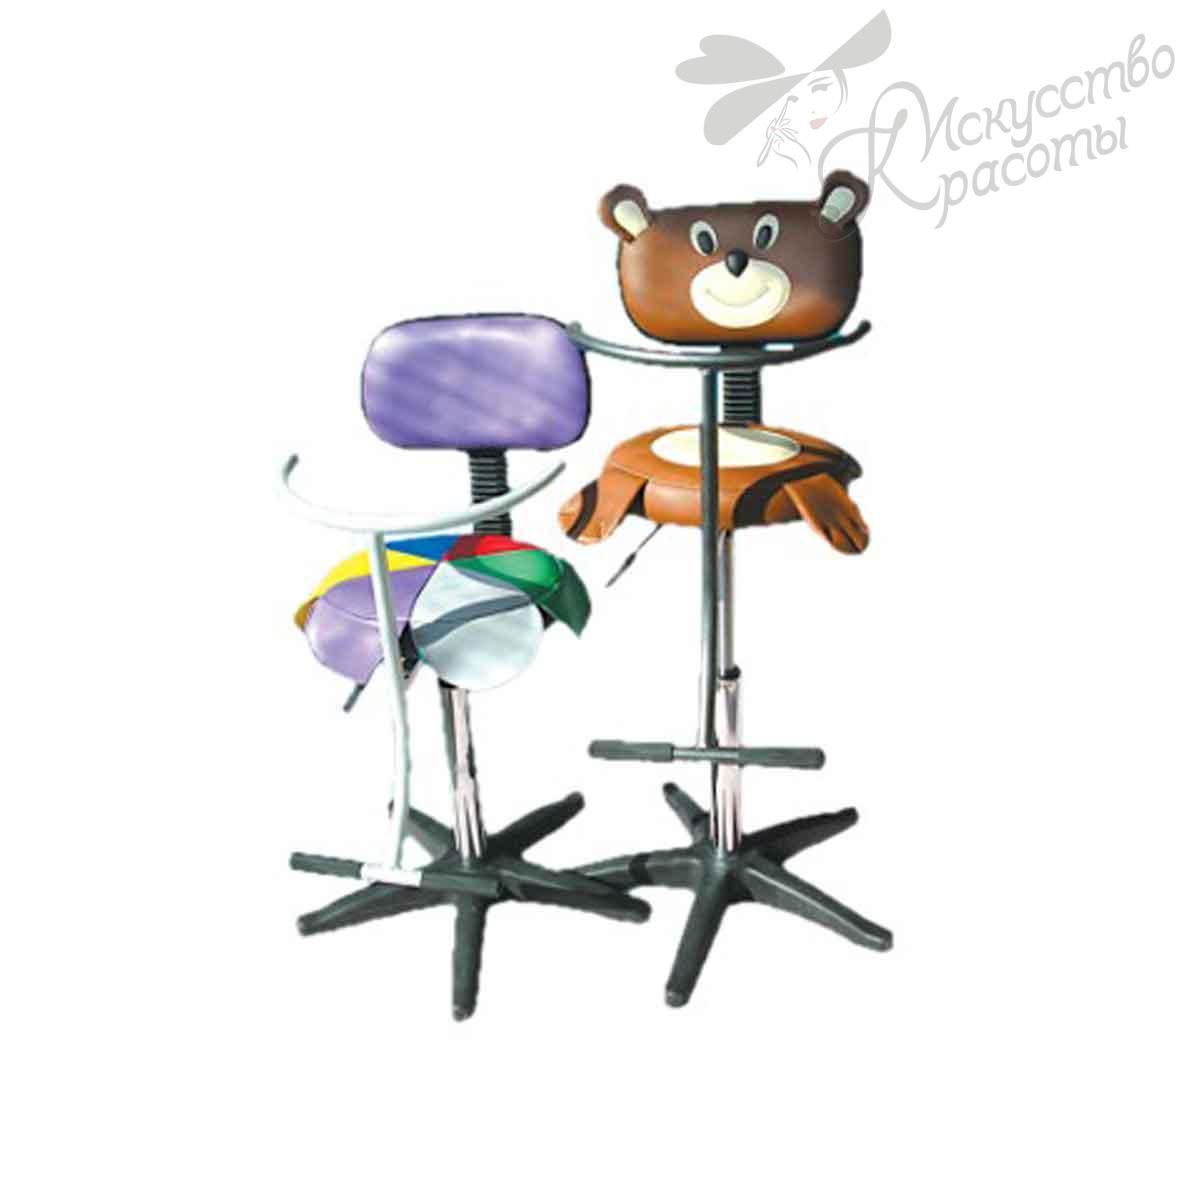 Детское кресло с аппликациями Self